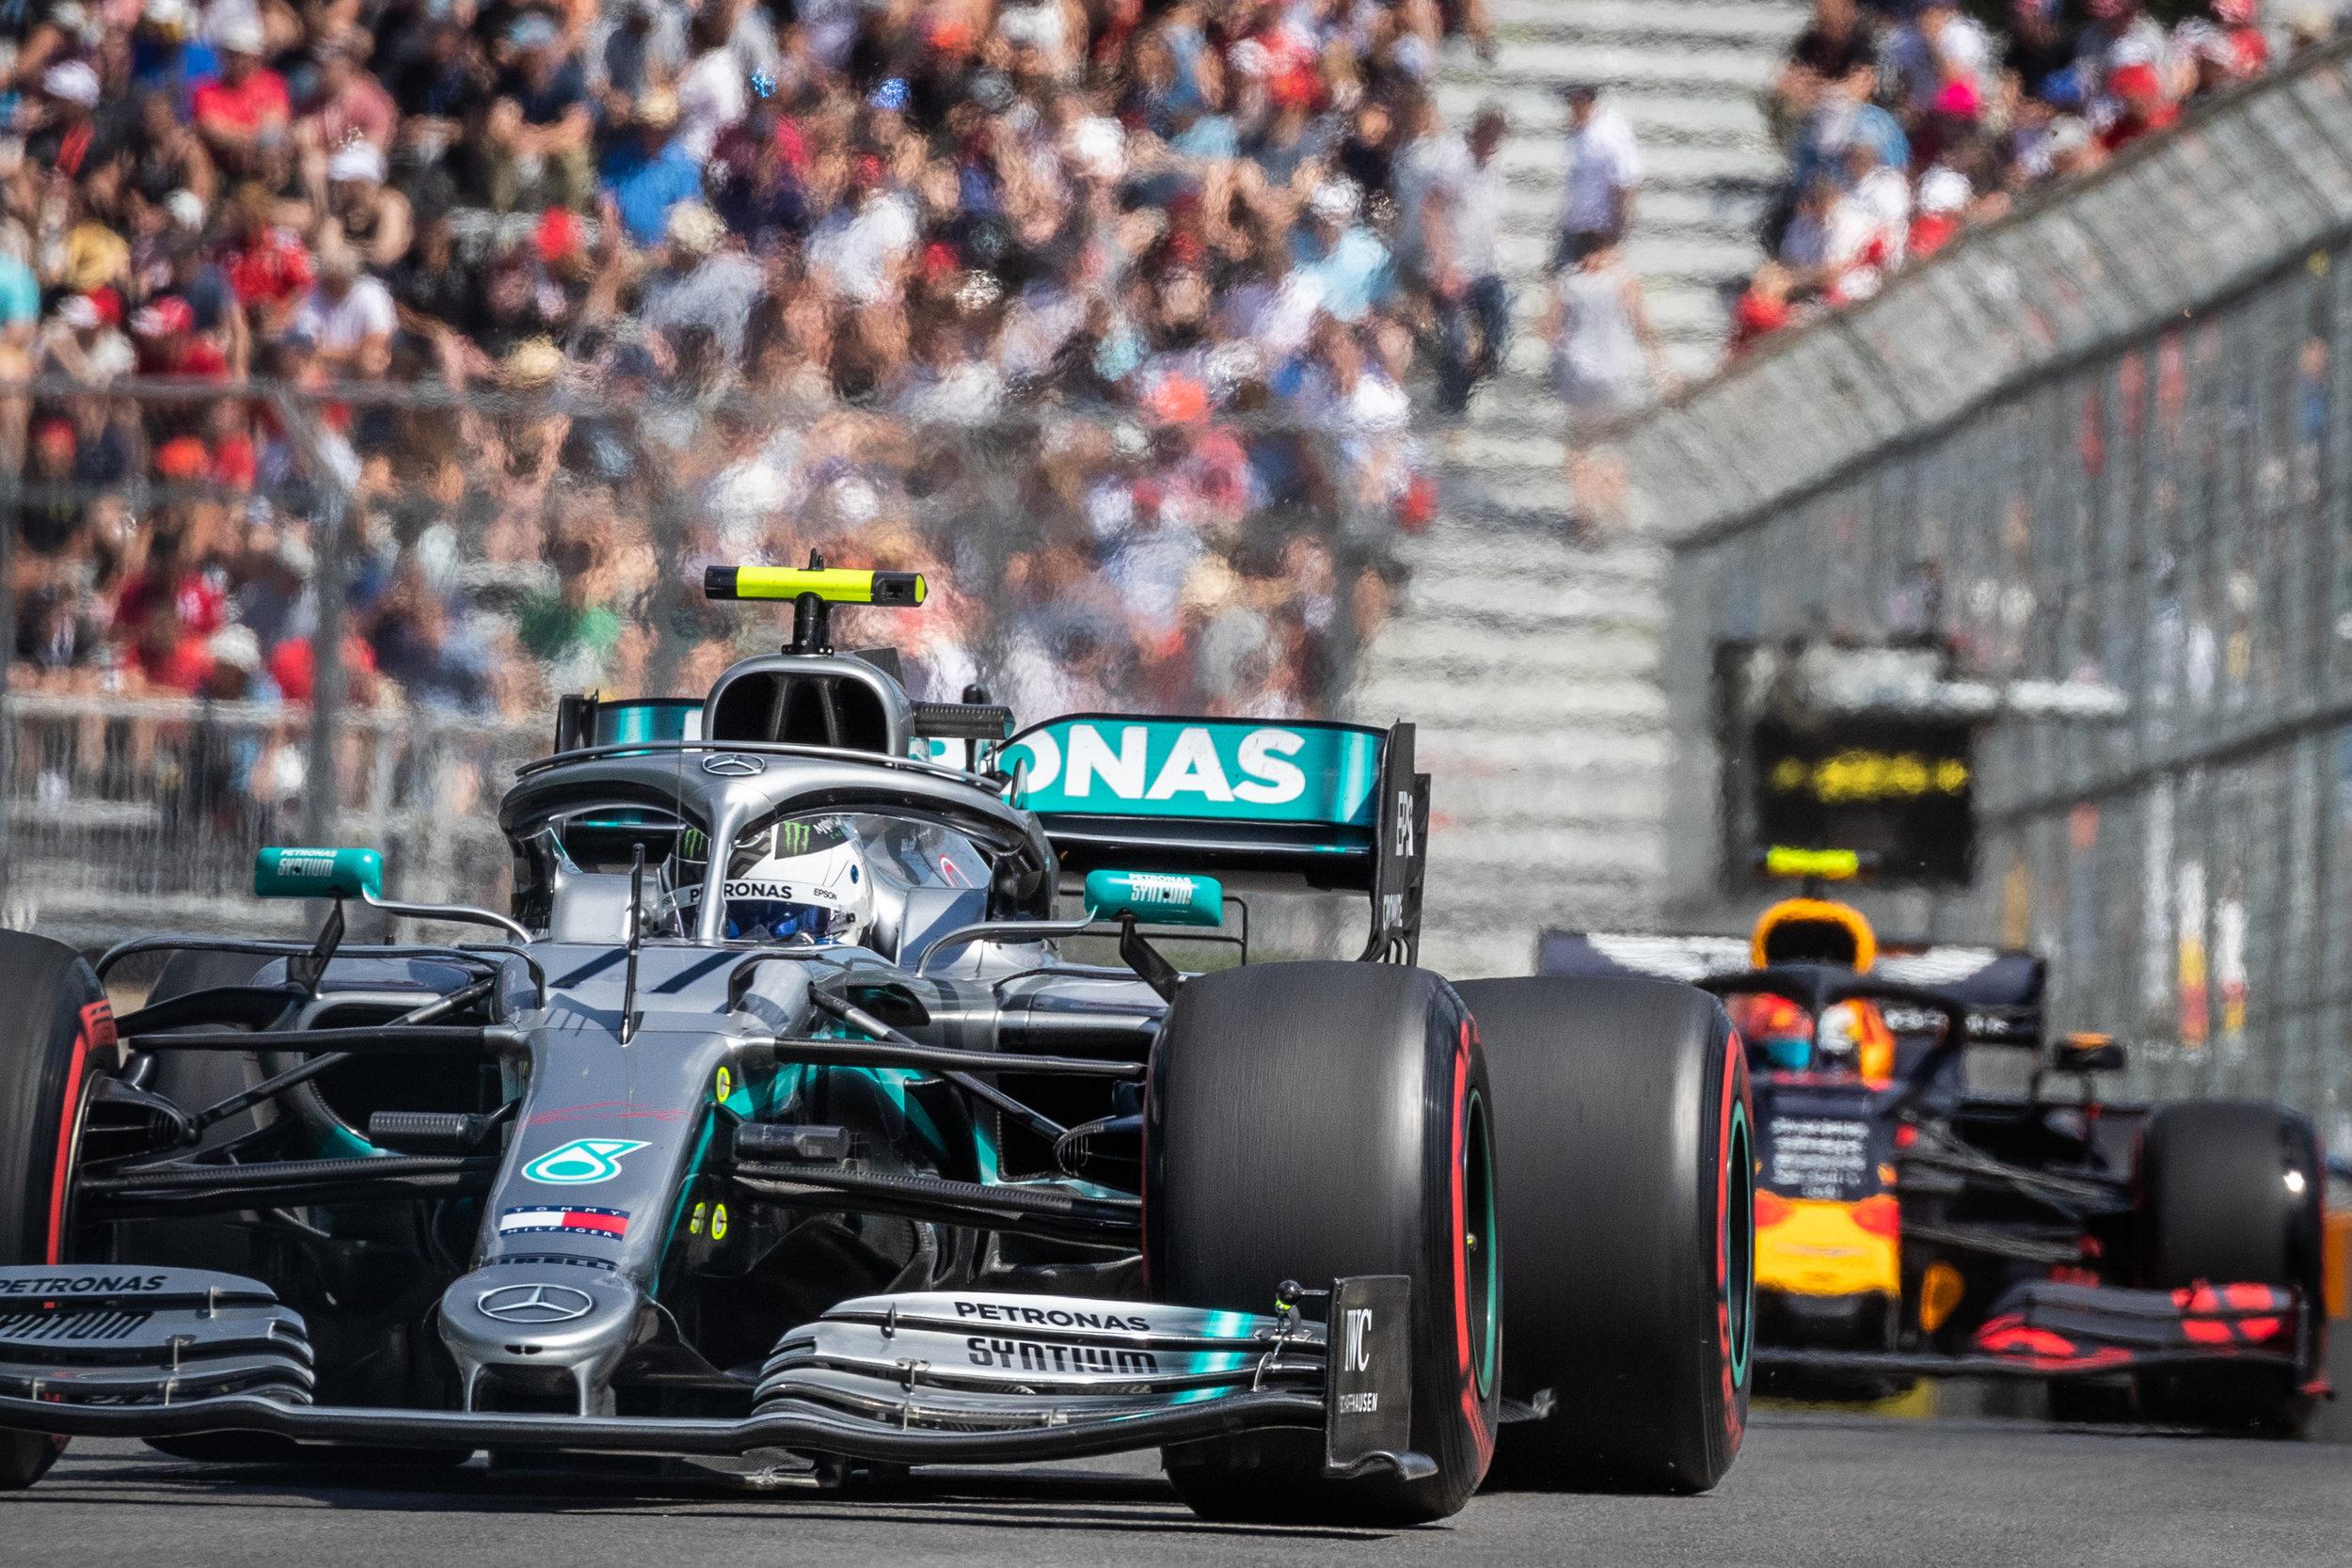 Grand prix F1 du Canada 2019